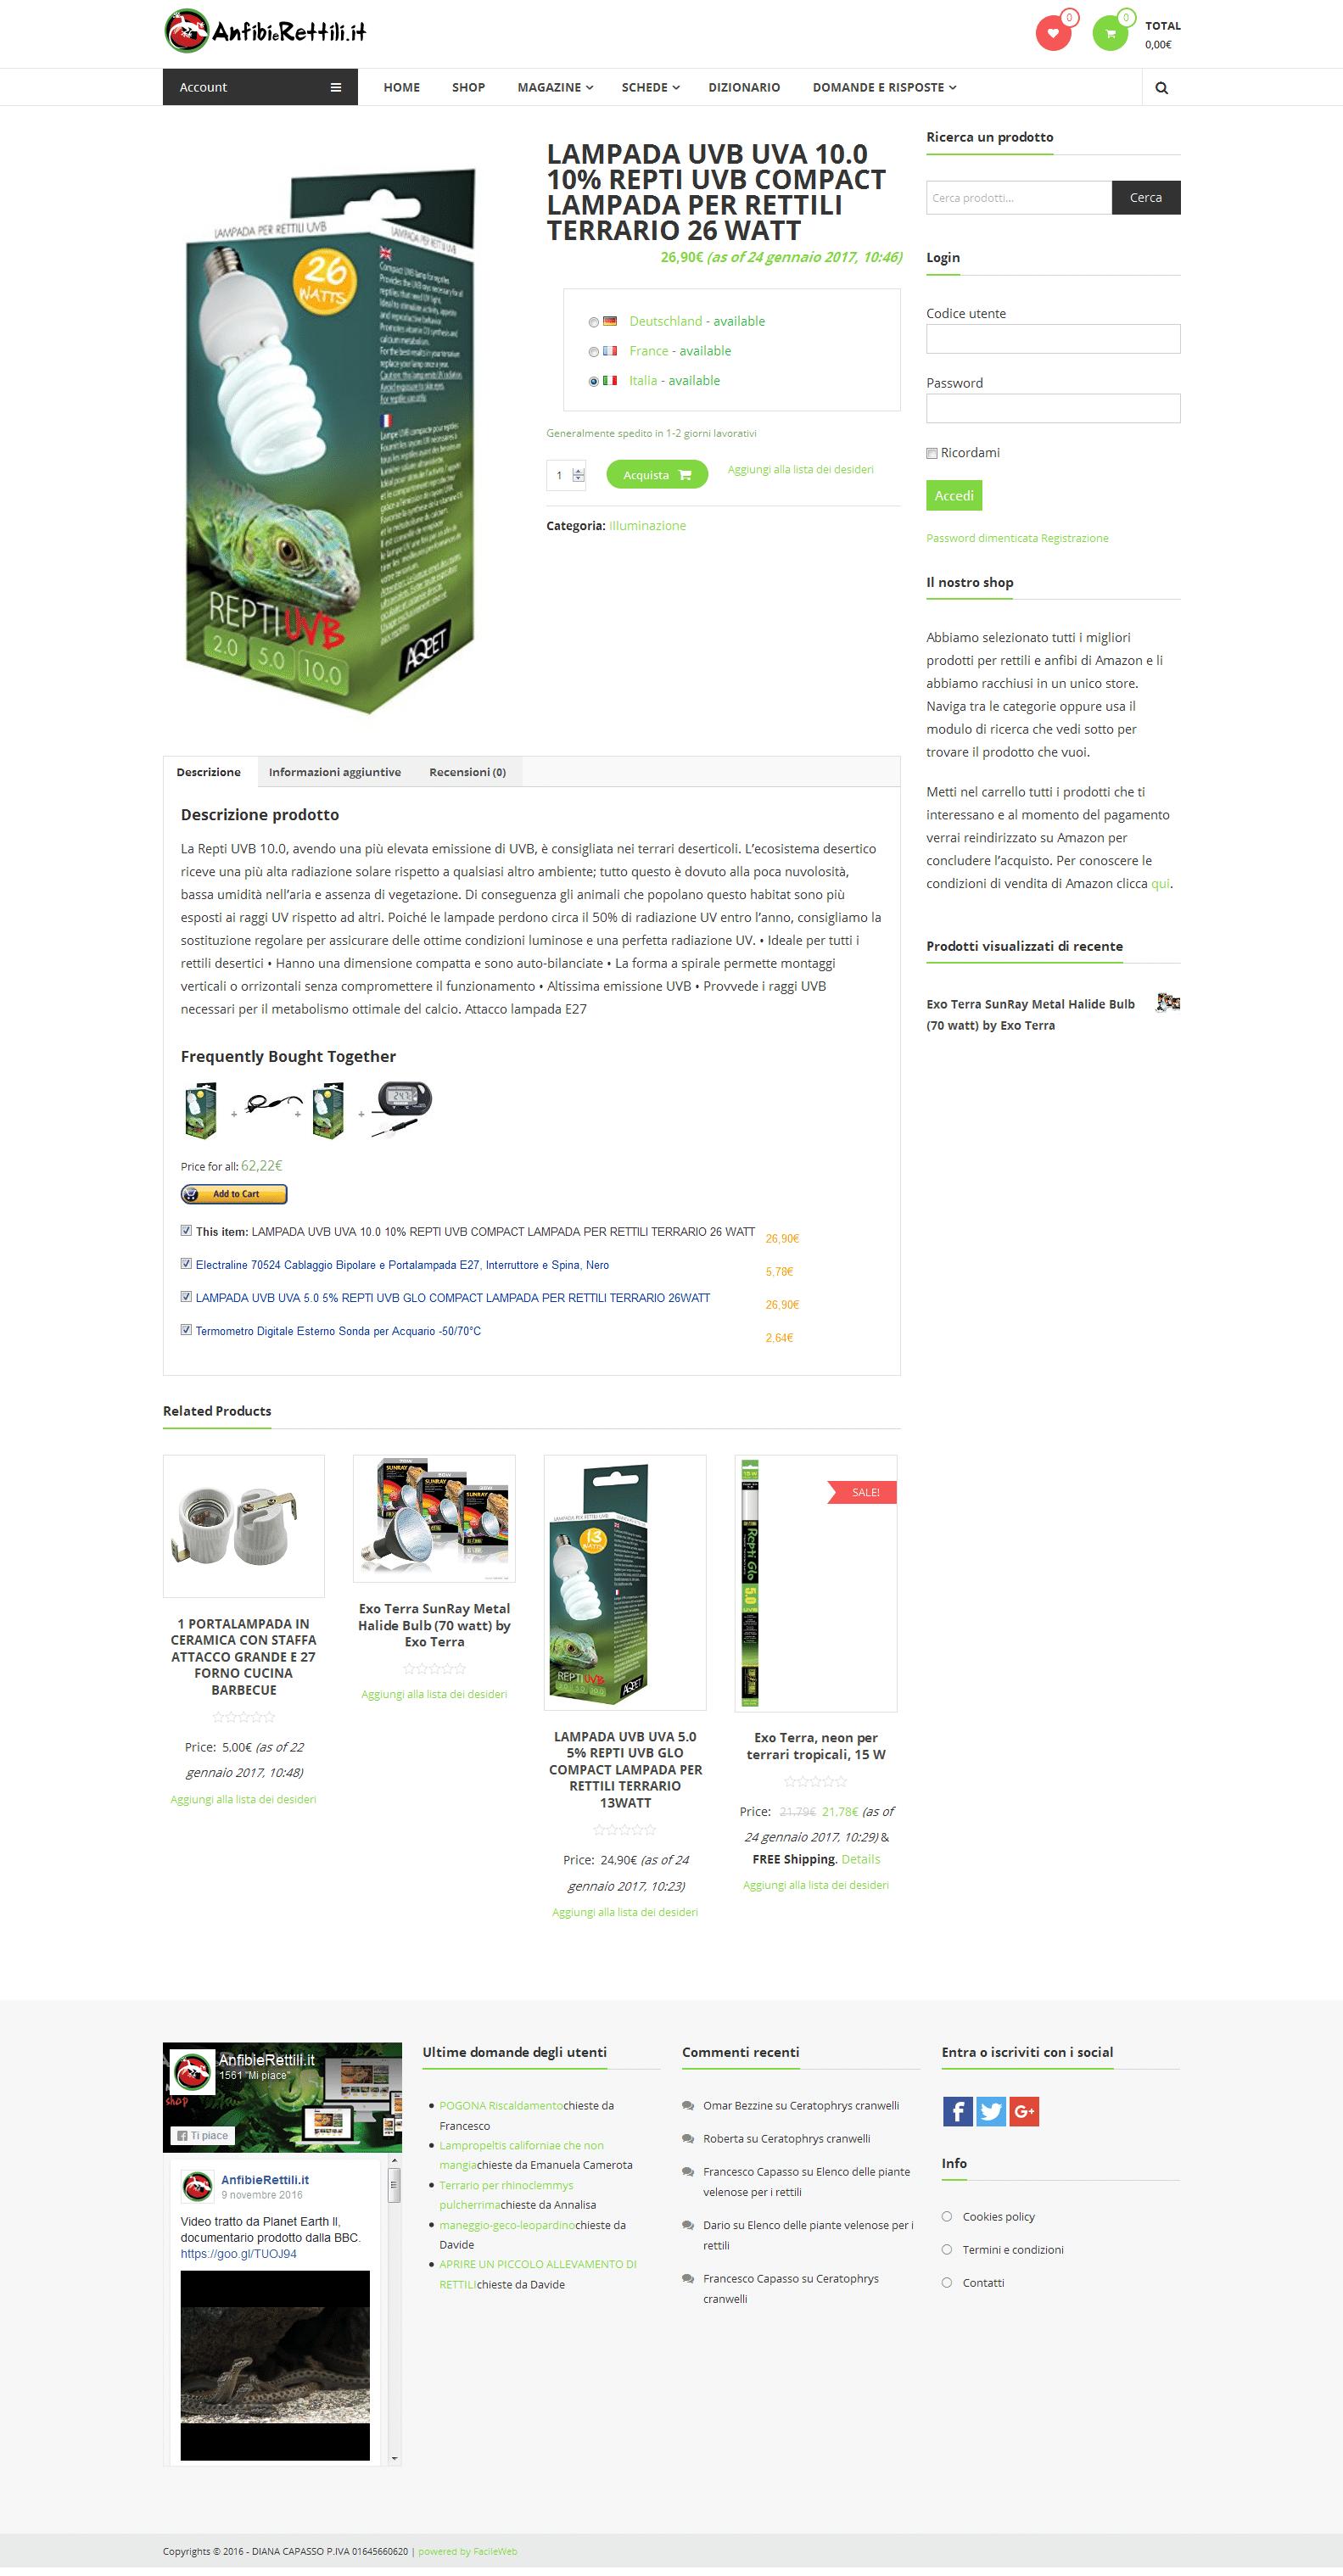 Un prodotto dello store per rettili di Anfibierettili.it